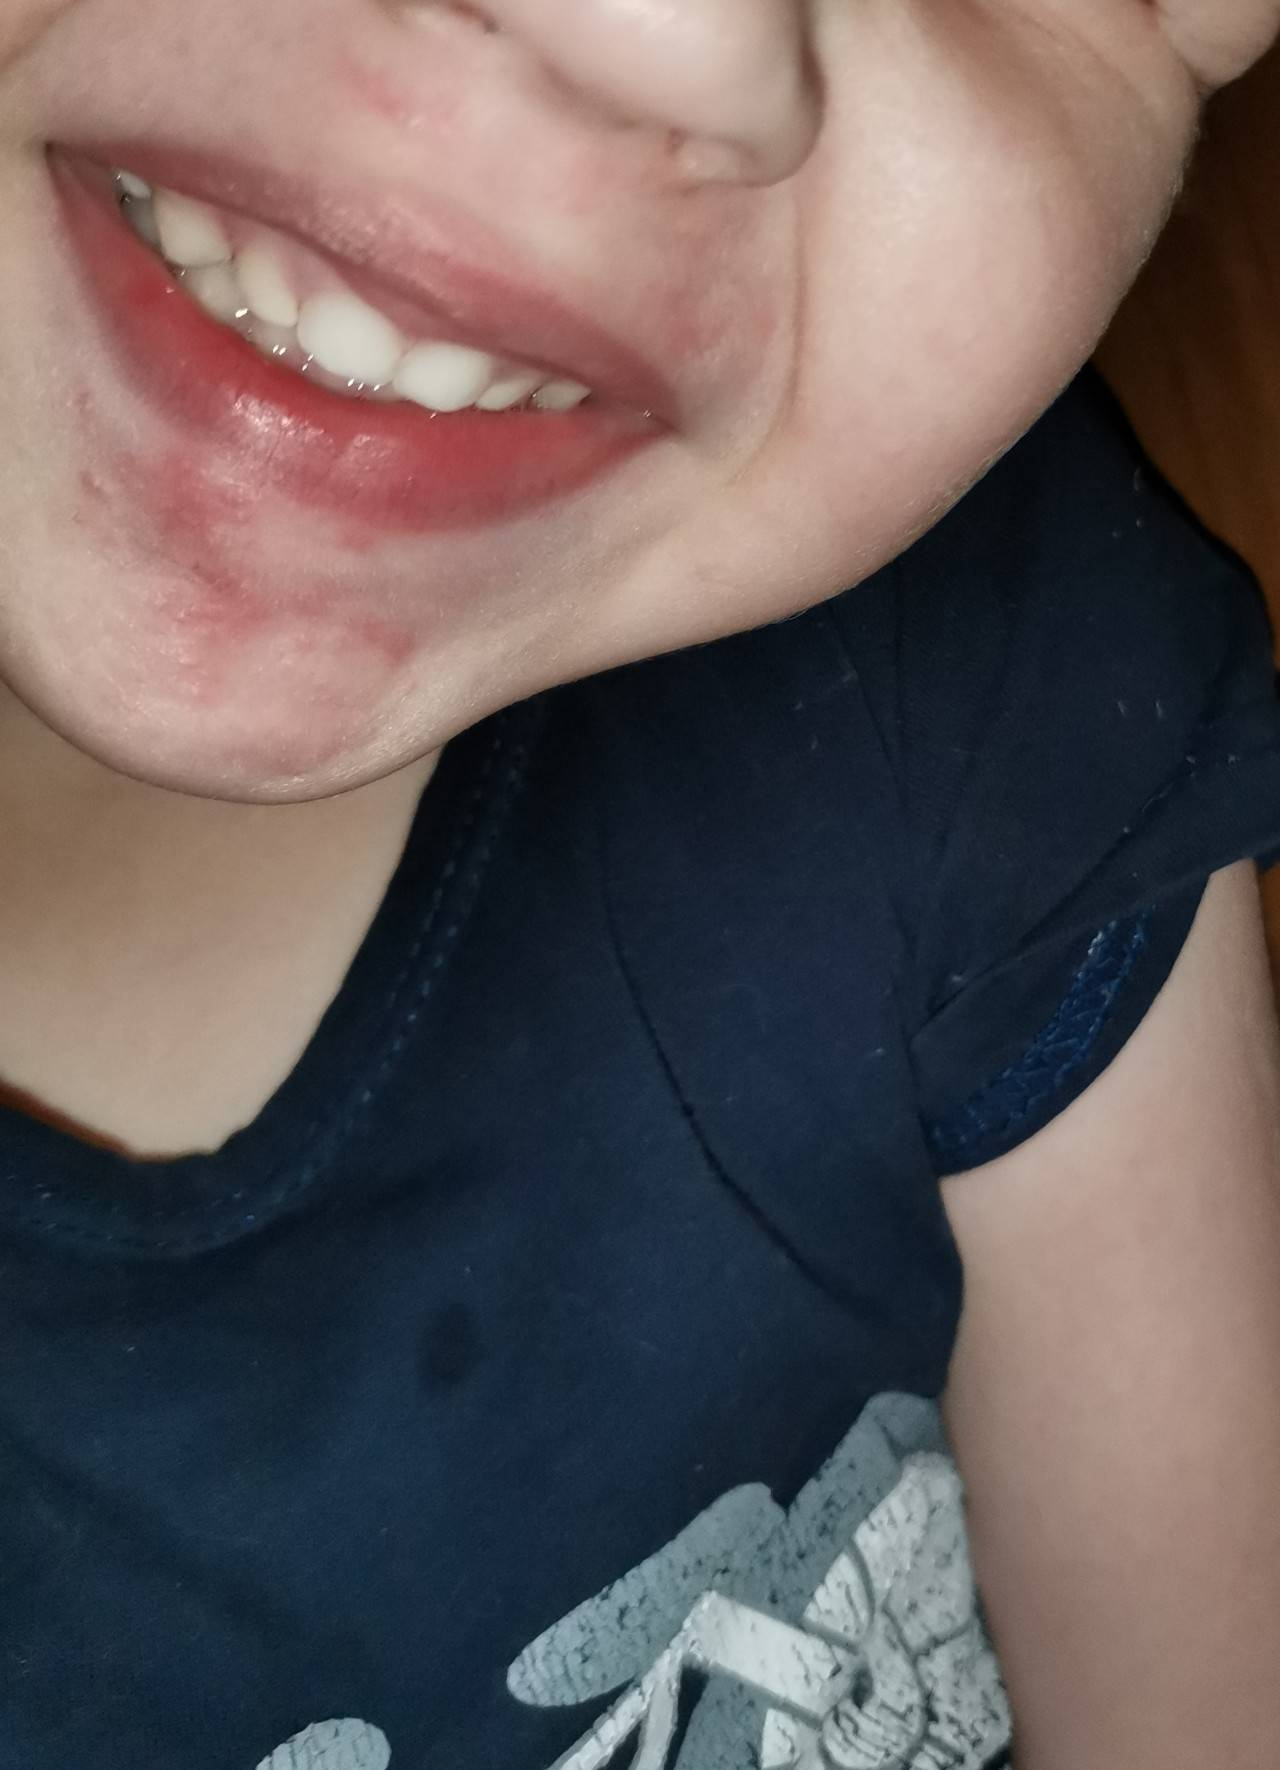 Сыпь и раздражение вокруг рта у ребенка: причины и лечение